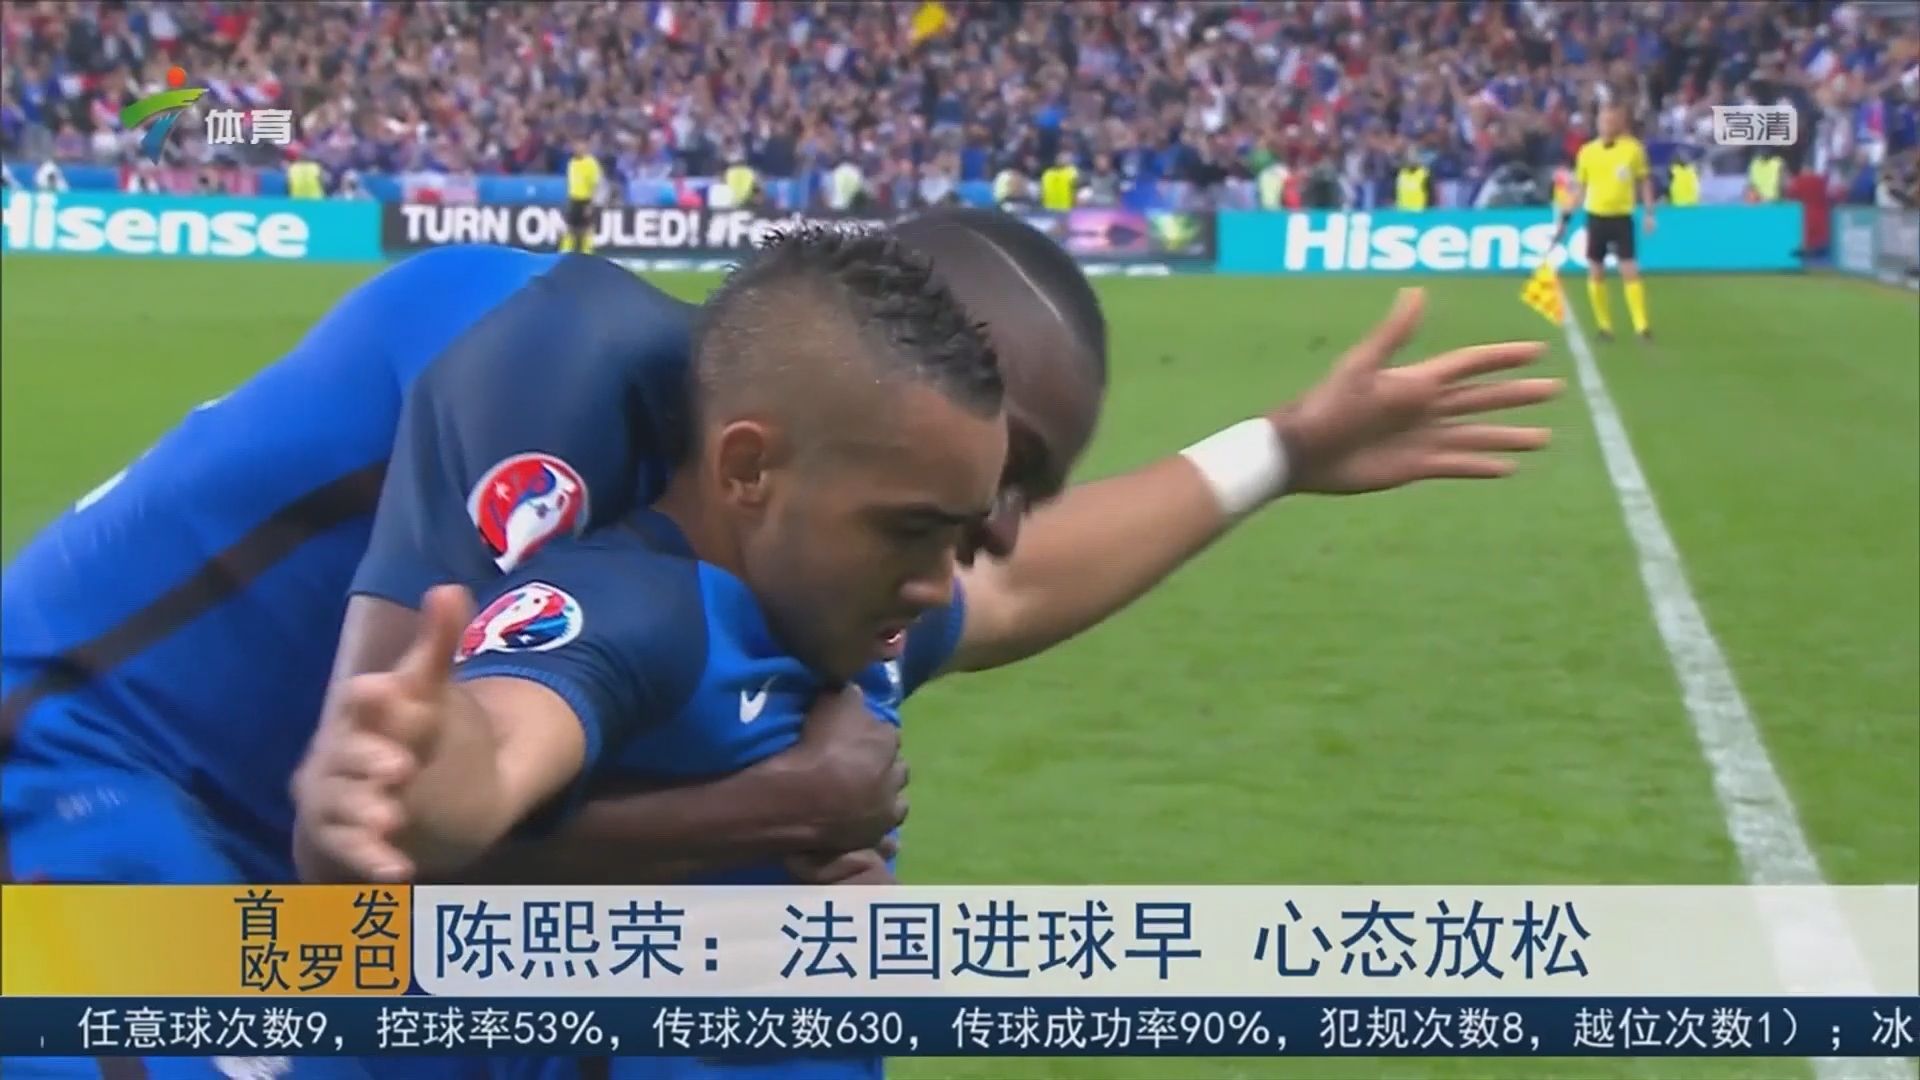 陈熙荣:法国进球早 心态放松